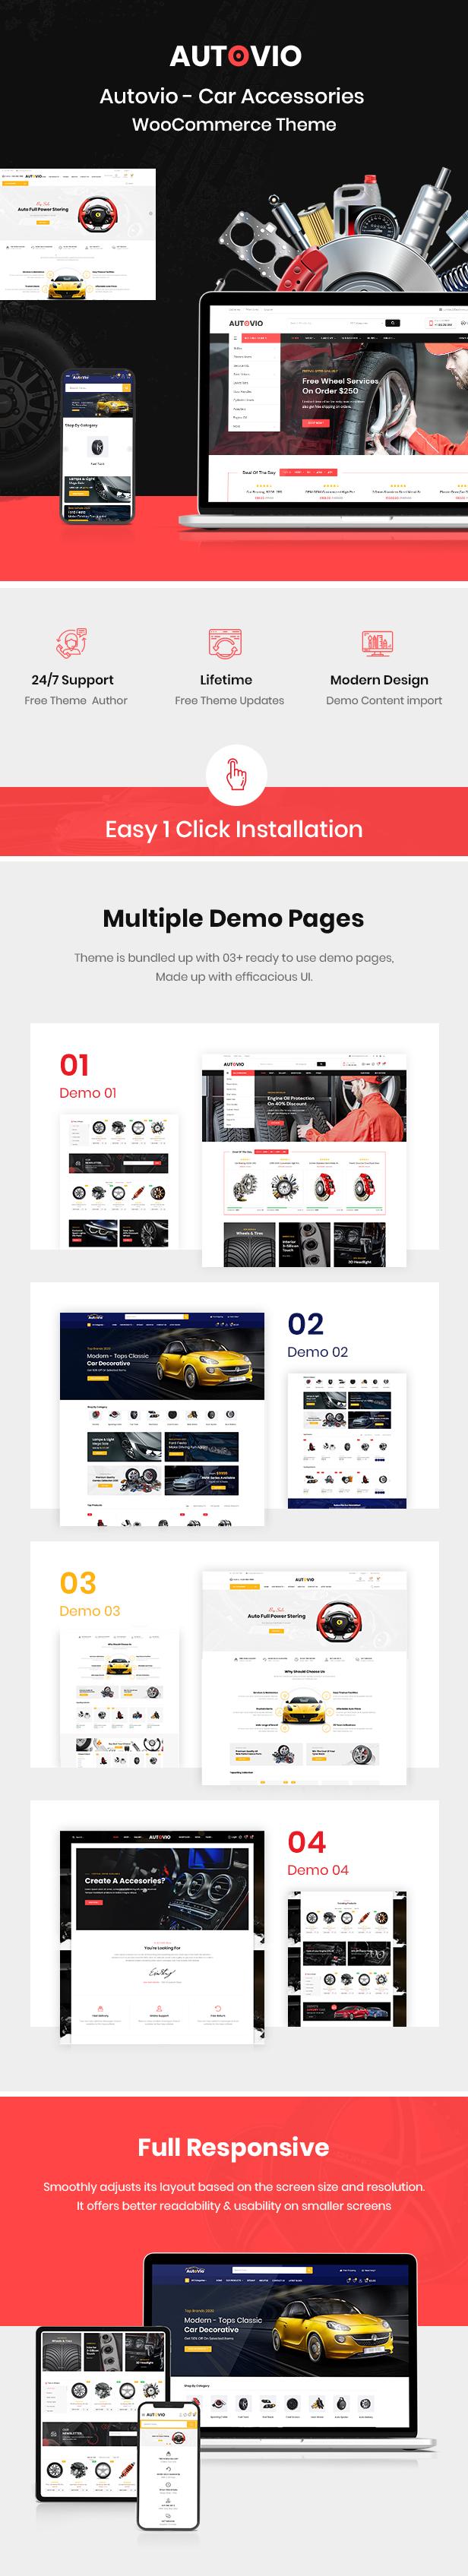 Autoteile und Zubehör WooCommerce Theme